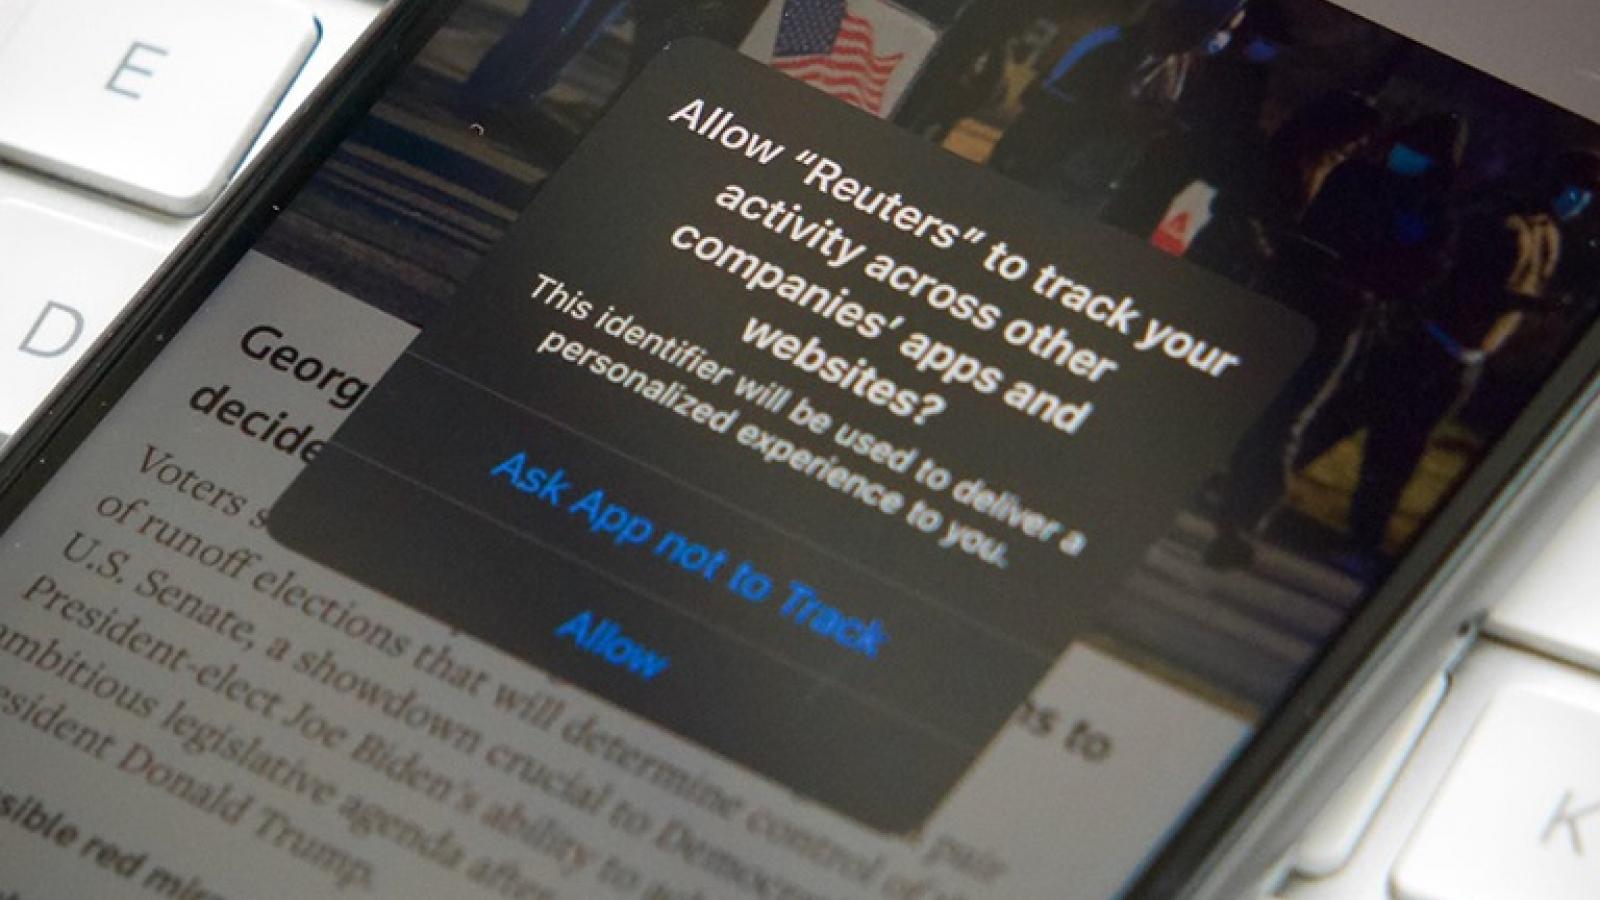 Hàng loạt người dùng iPhone chạy iOS 14.5 không đồng ý cho theo dõi